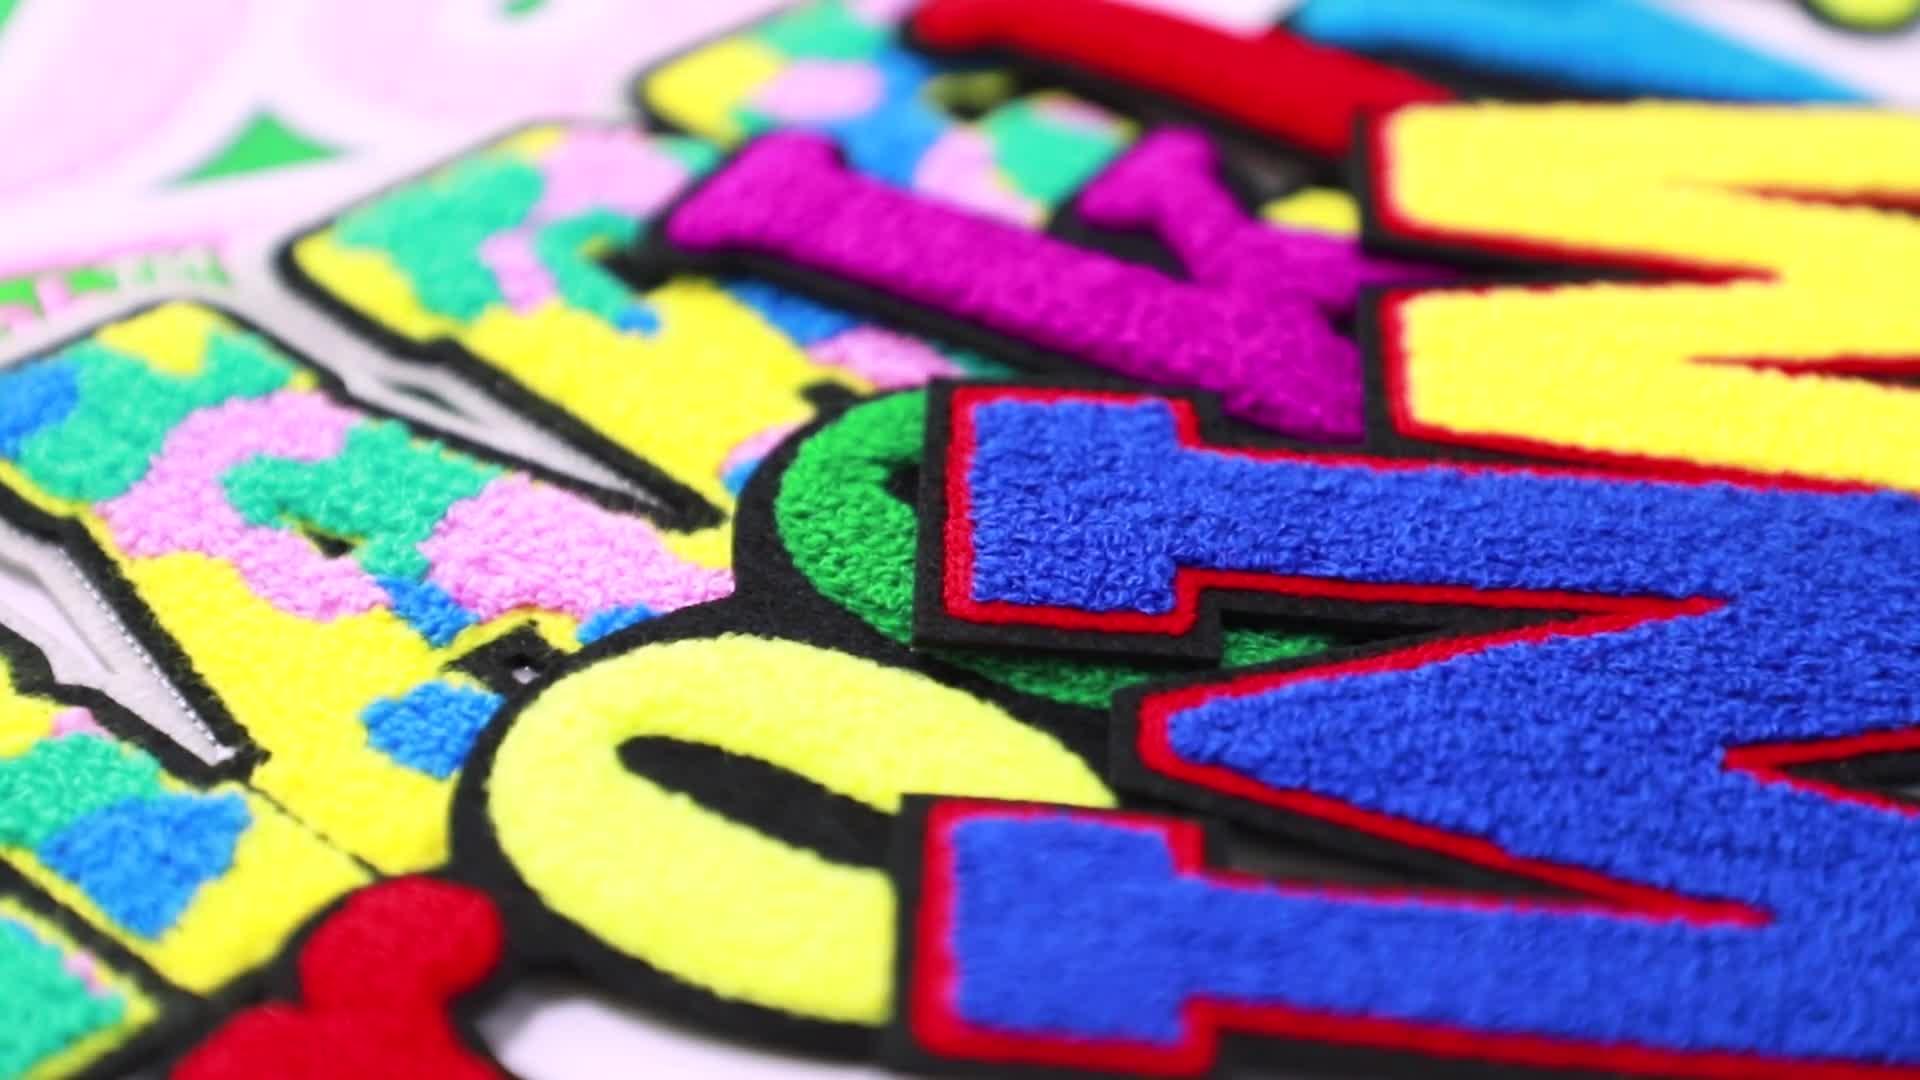 Özel şönil yama ALWAYSFRESH yama harfleri alfabe şönil yamalar harfler dikmek destek giyim için